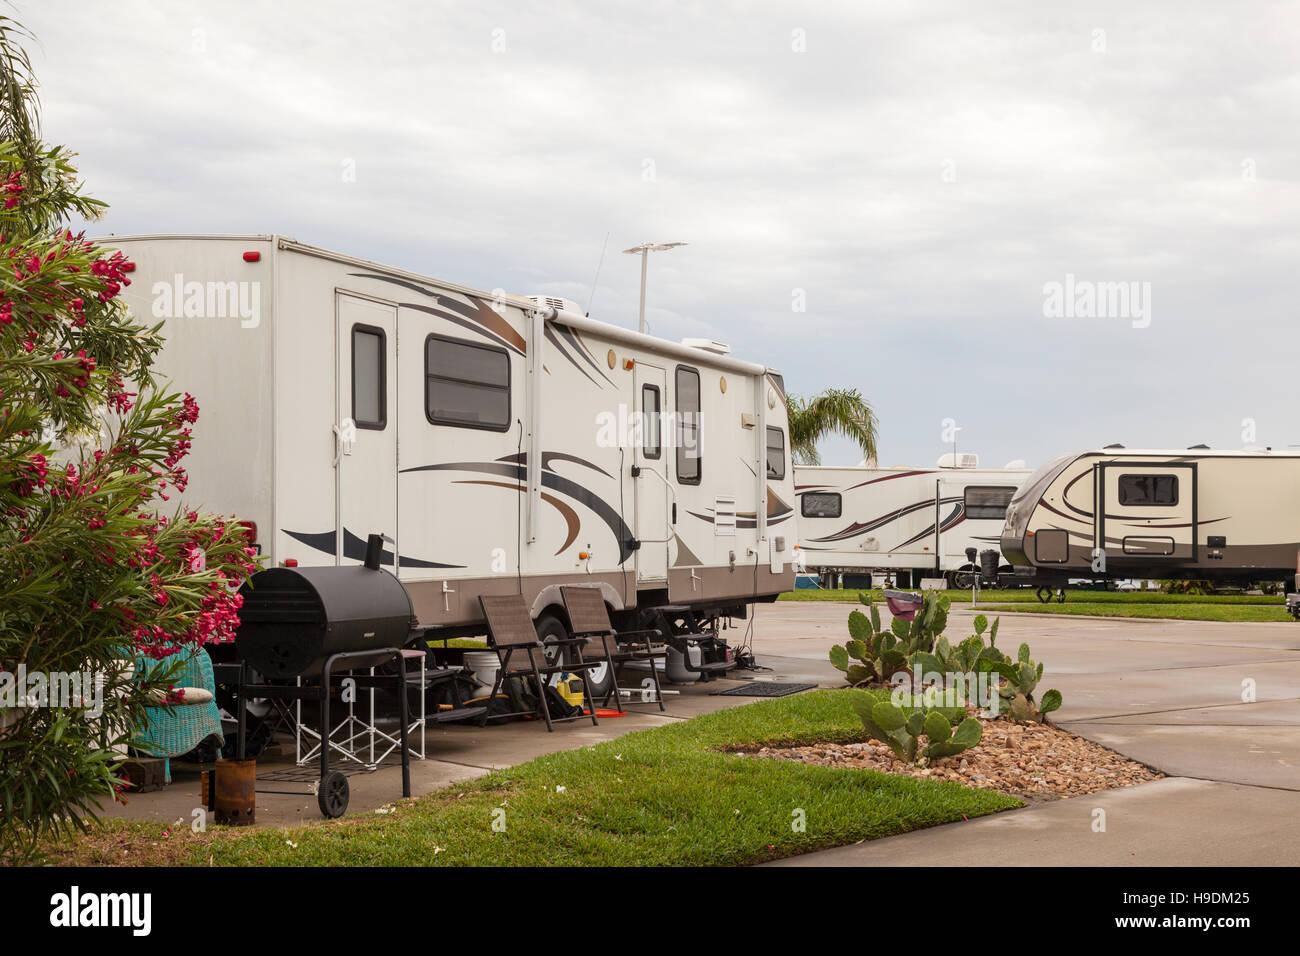 Veicoli da diporto in un campeggio rv Park nel sud degli Stati Uniti Immagini Stock